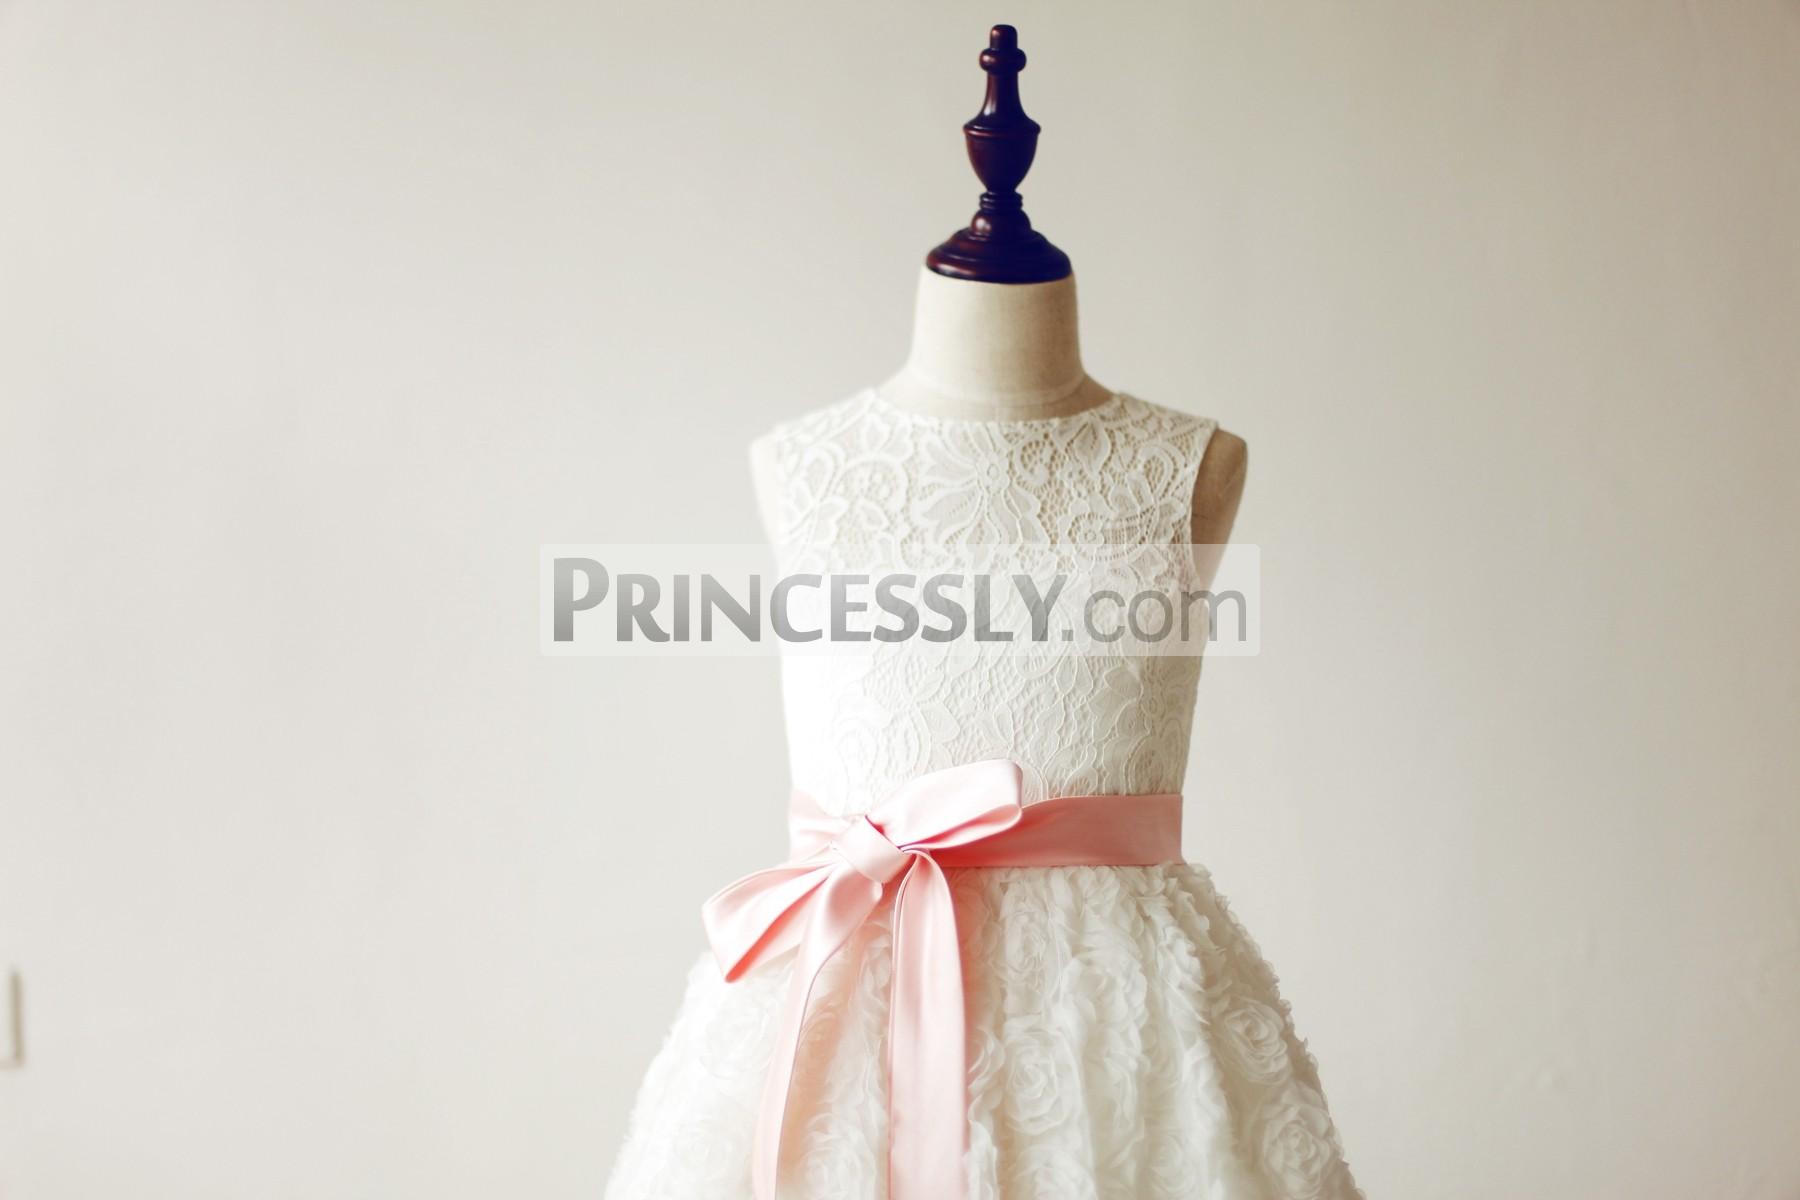 jewel neck sleeveless ivory lace bodice with pink sash